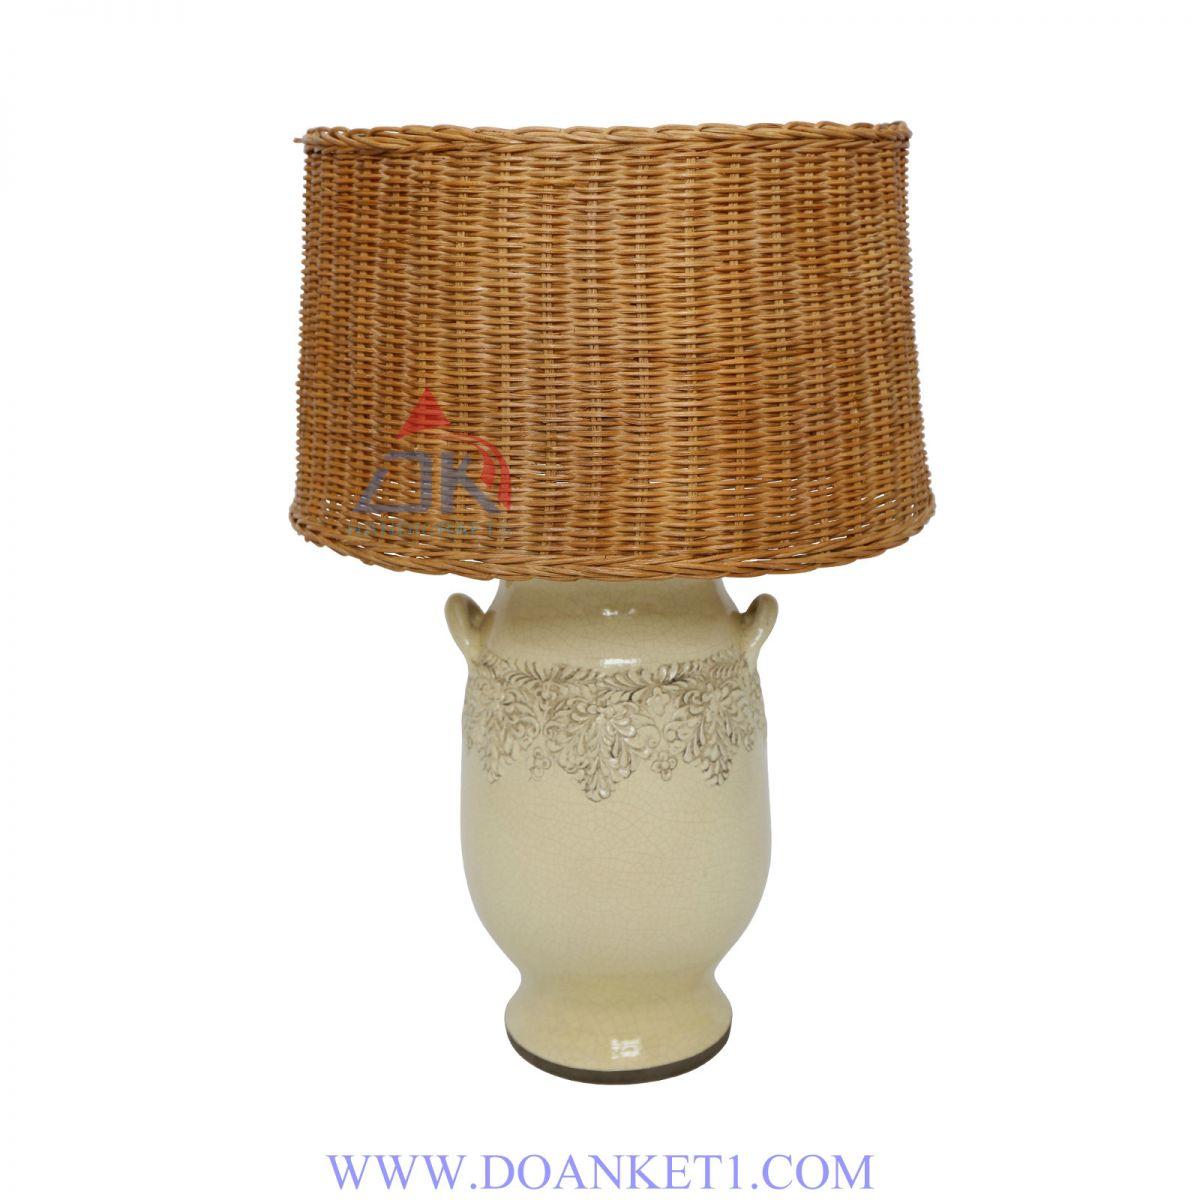 RATTAN LAMP # DK104